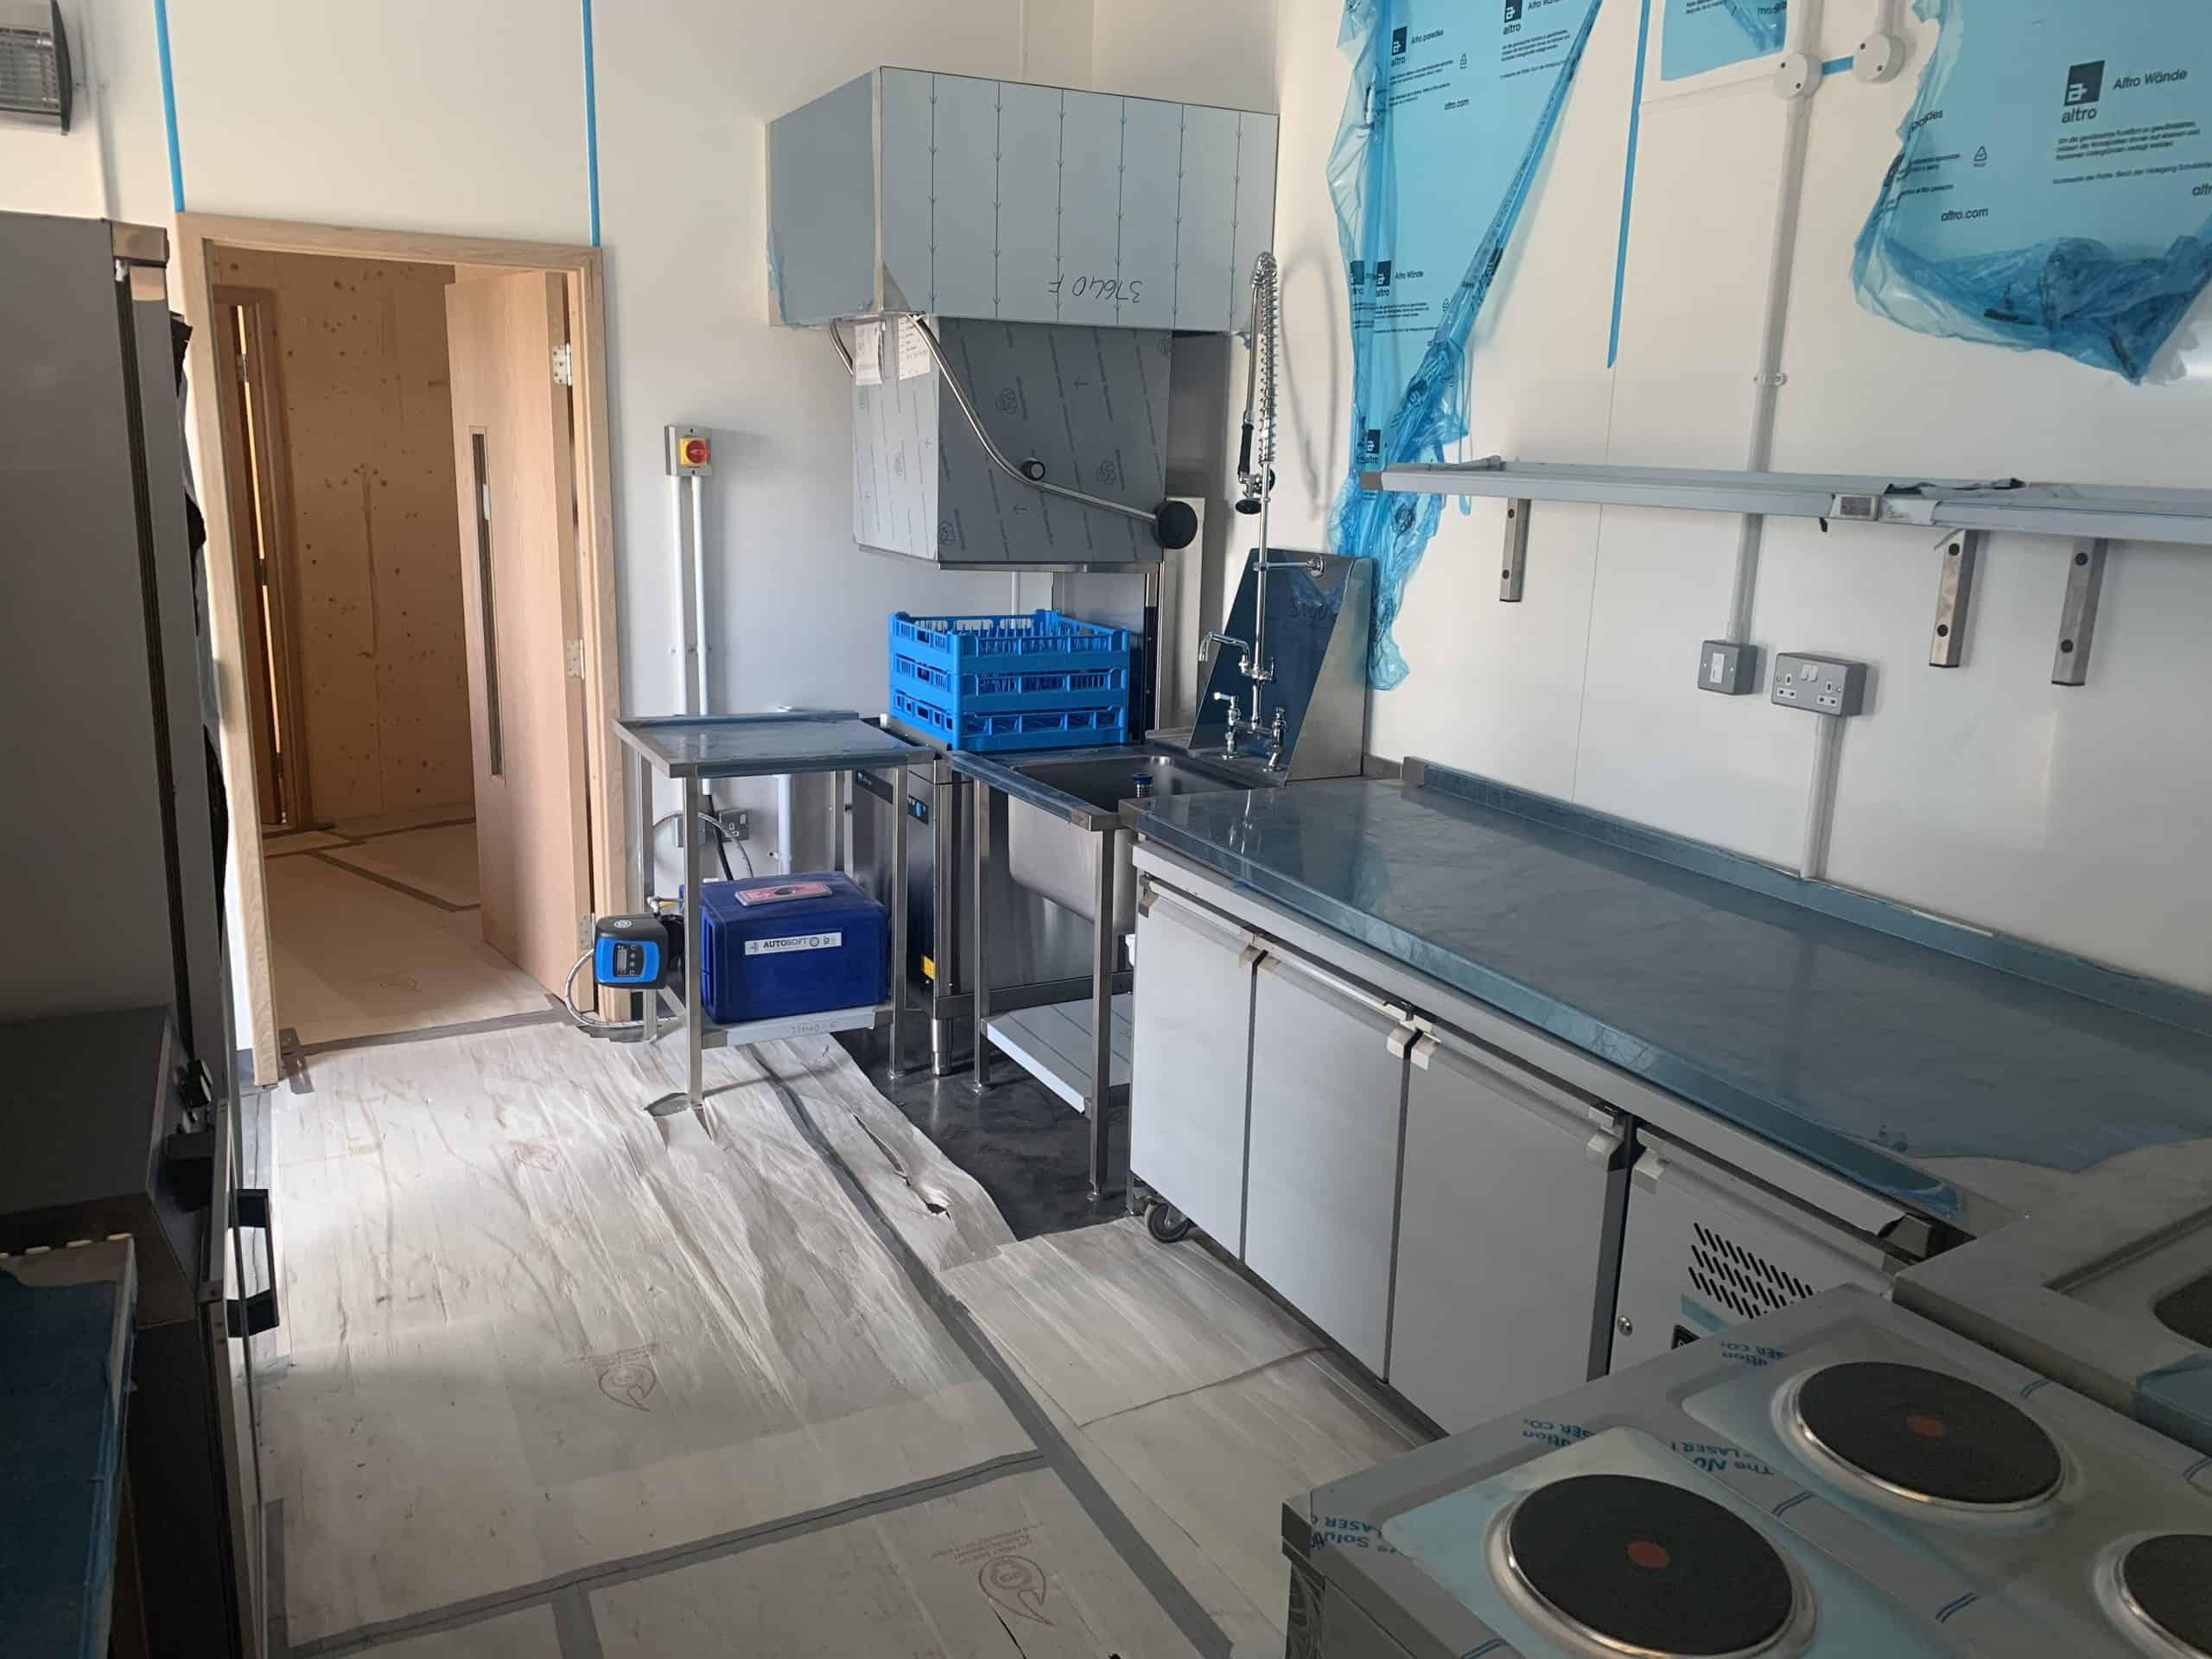 Commercial Kitchen Equipment at Suffolk Wildlife Trust